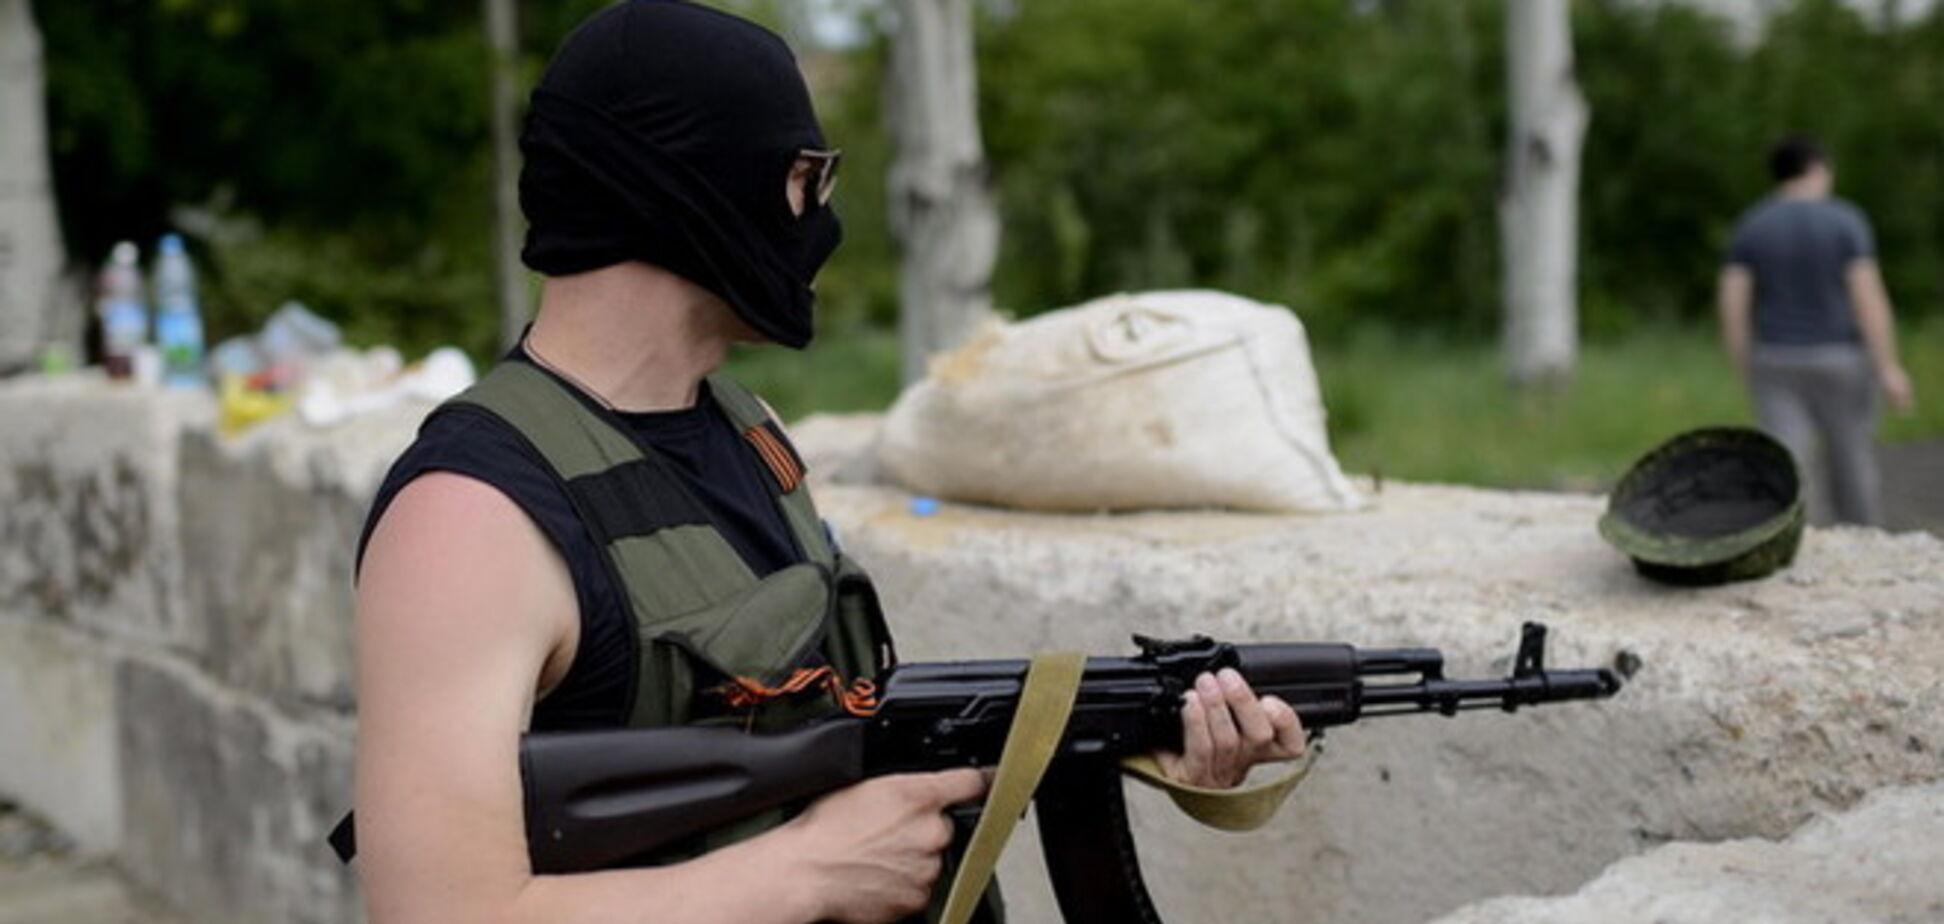 СМИ Кремля сообщили о захвате террористами военчасти в Луганске